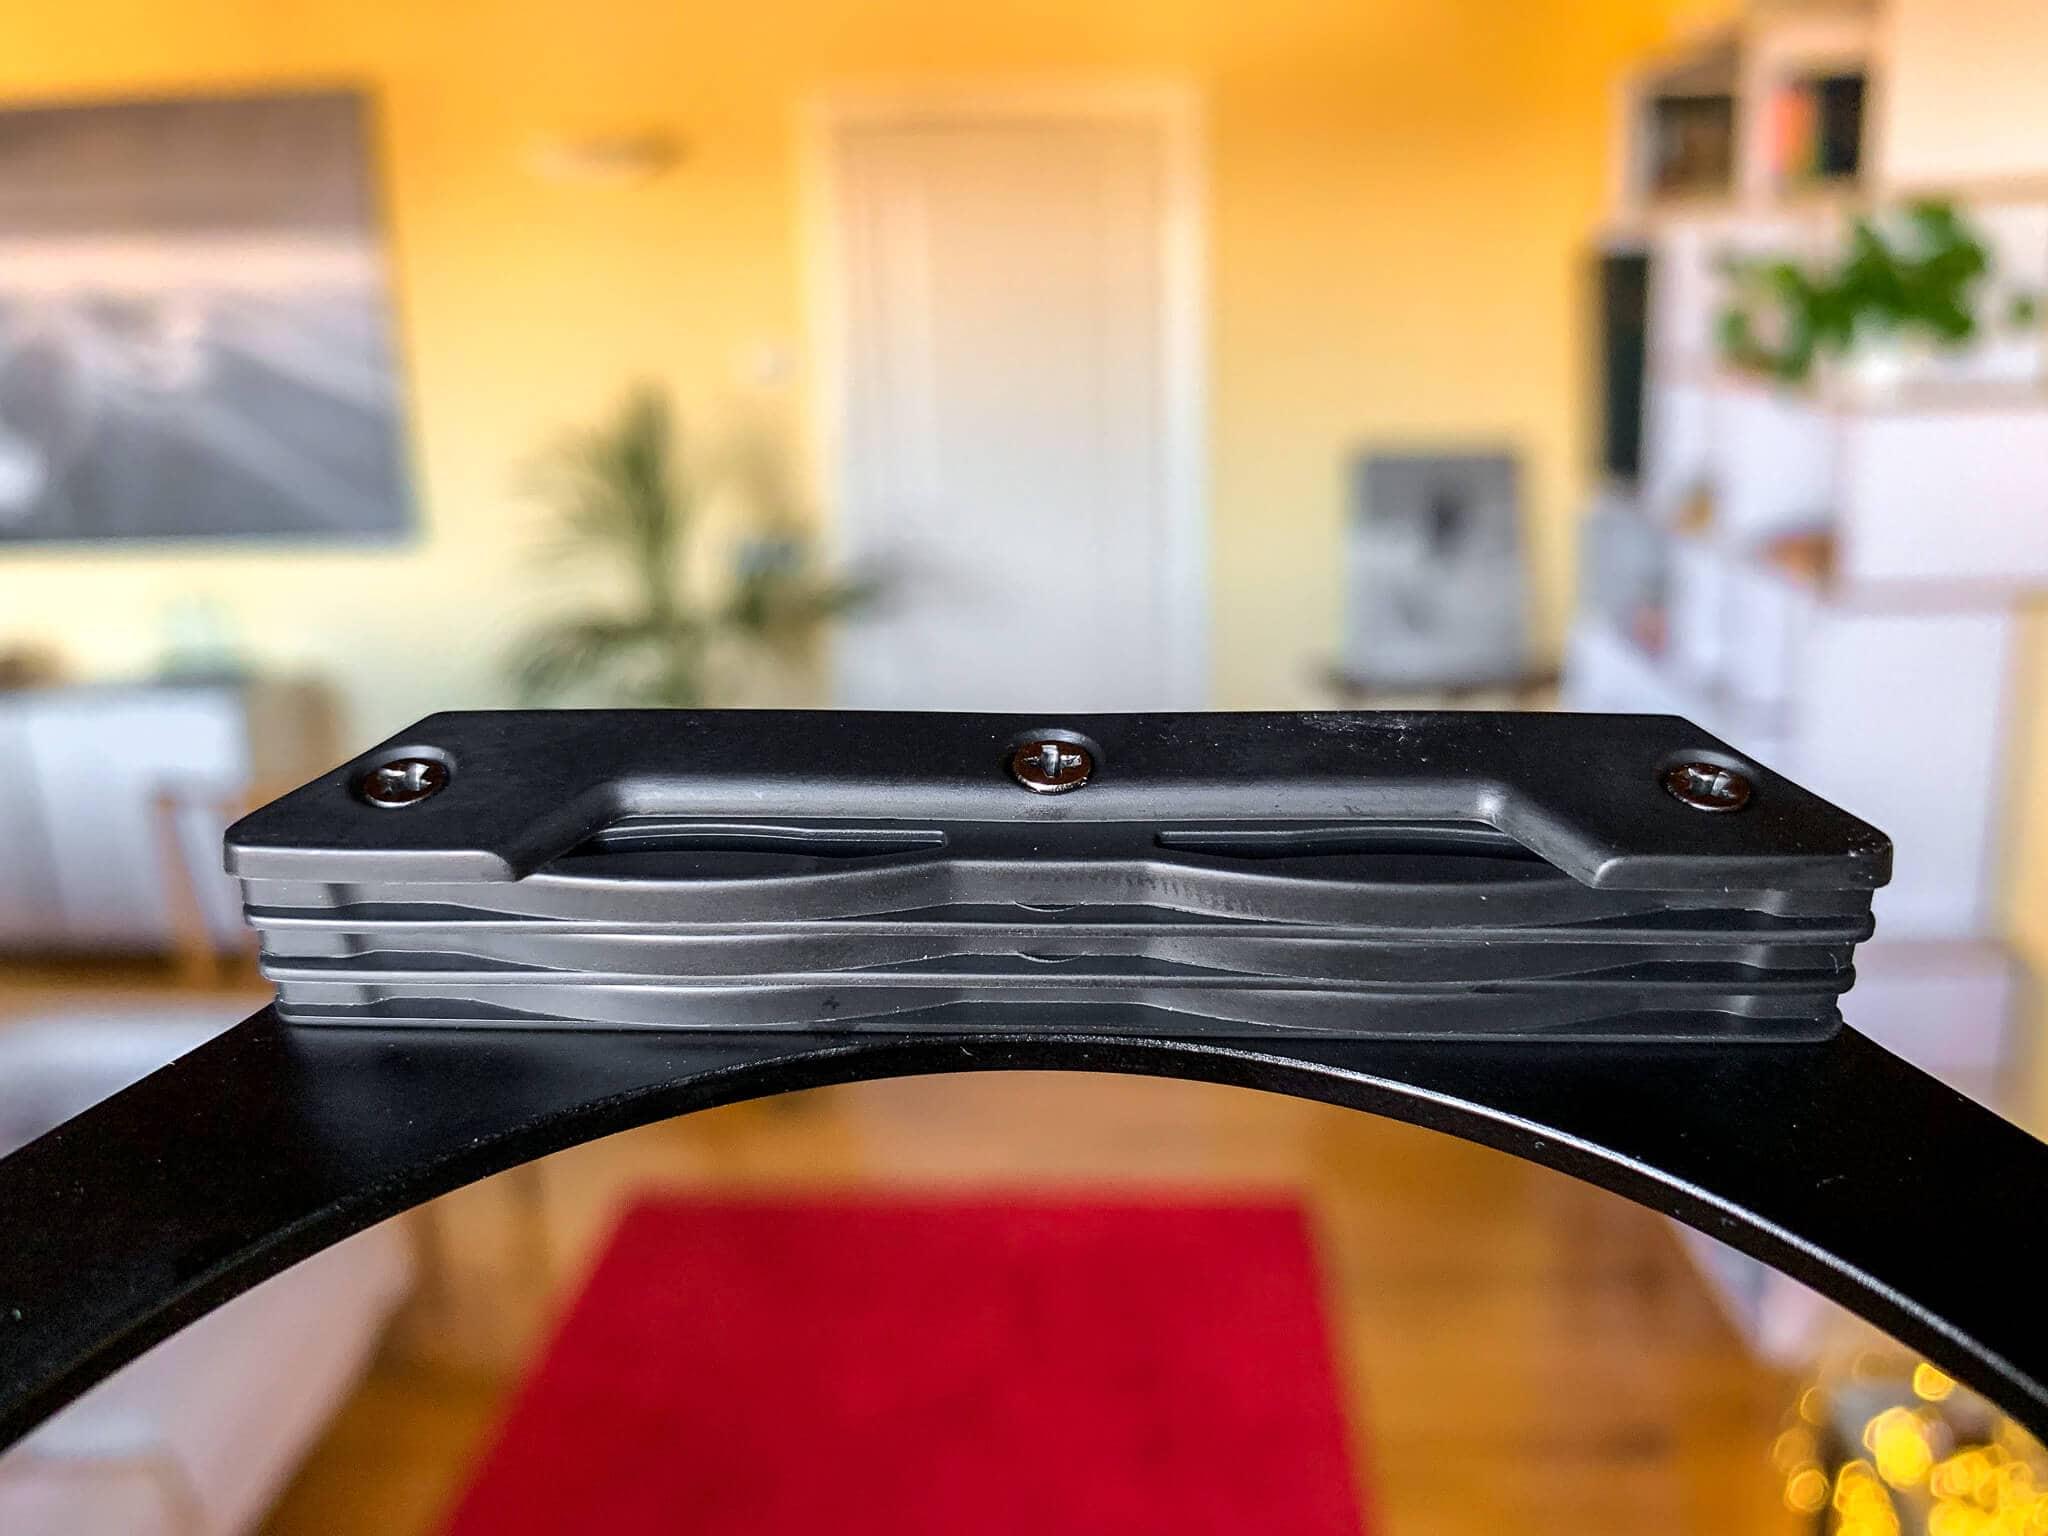 Francesco Gola New NiSi V6 Filter Holder Review Field FG detail 3